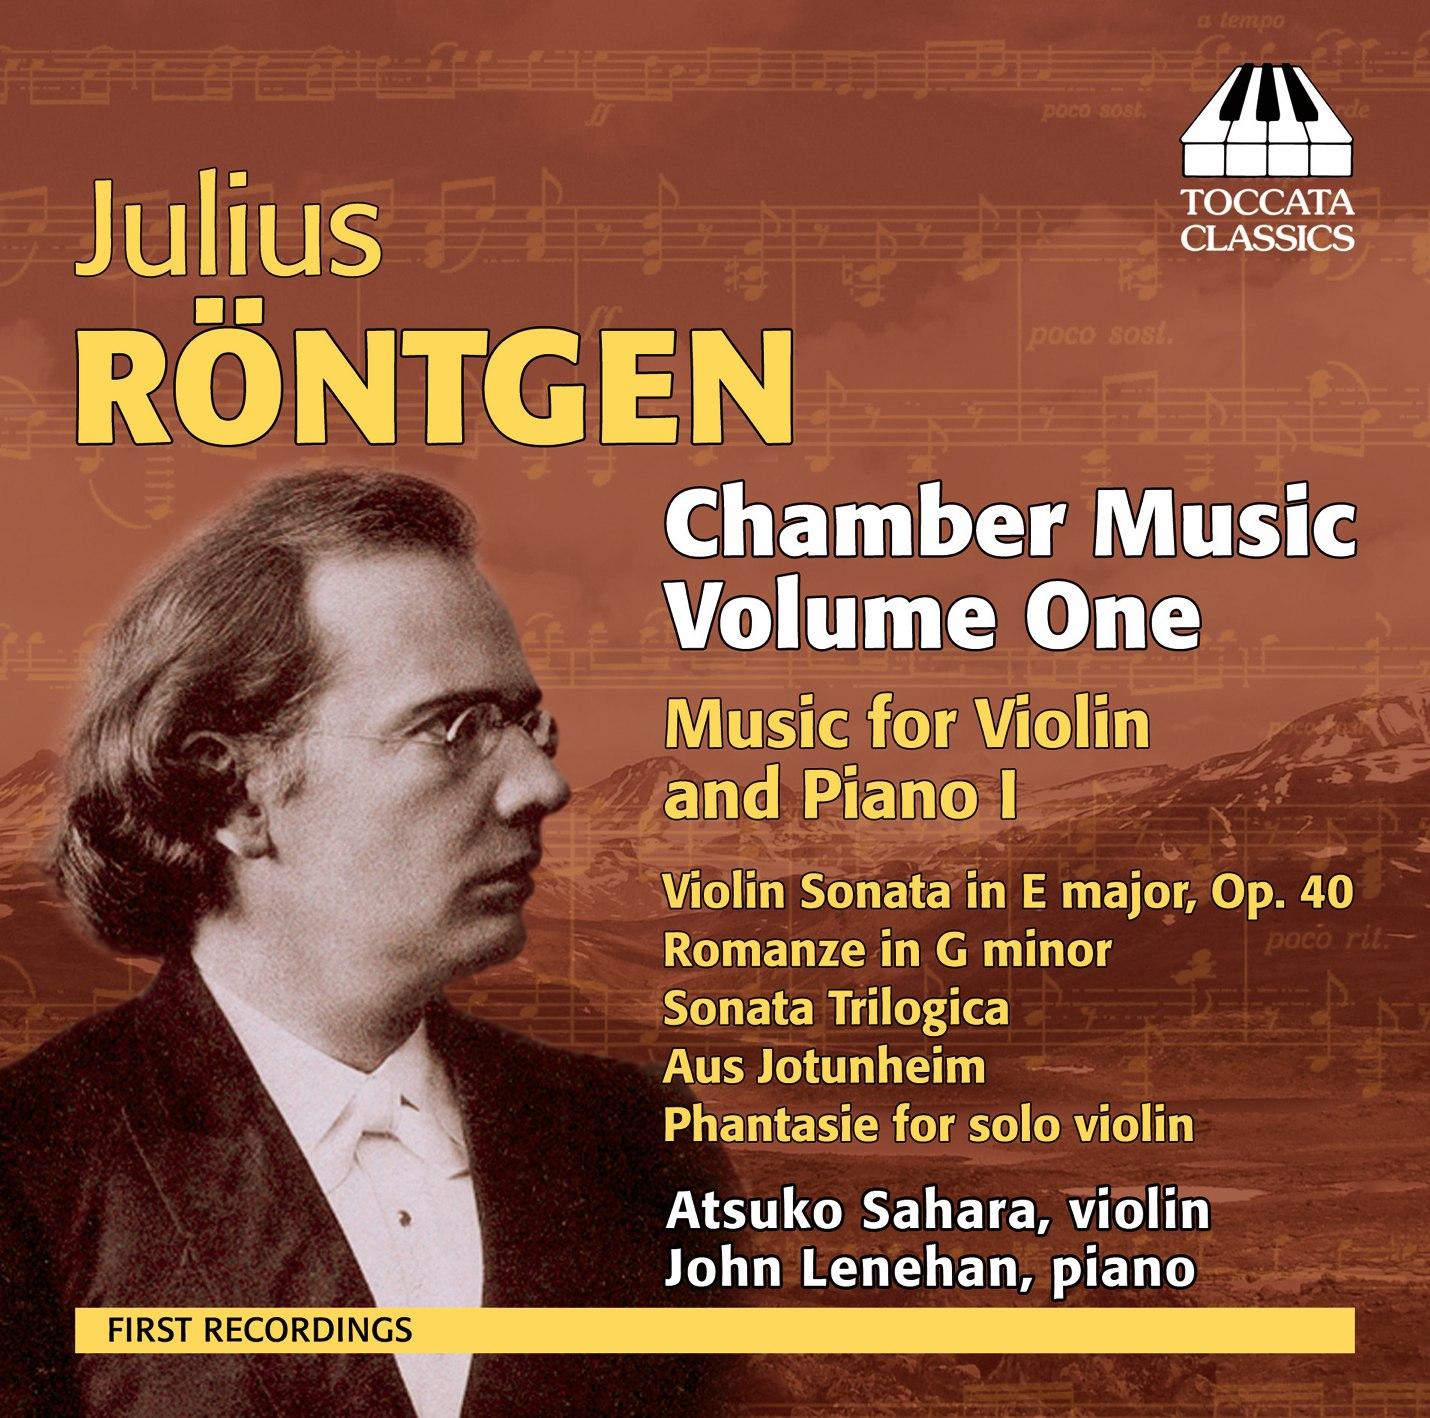 Julius Röntgen: Chamber Music